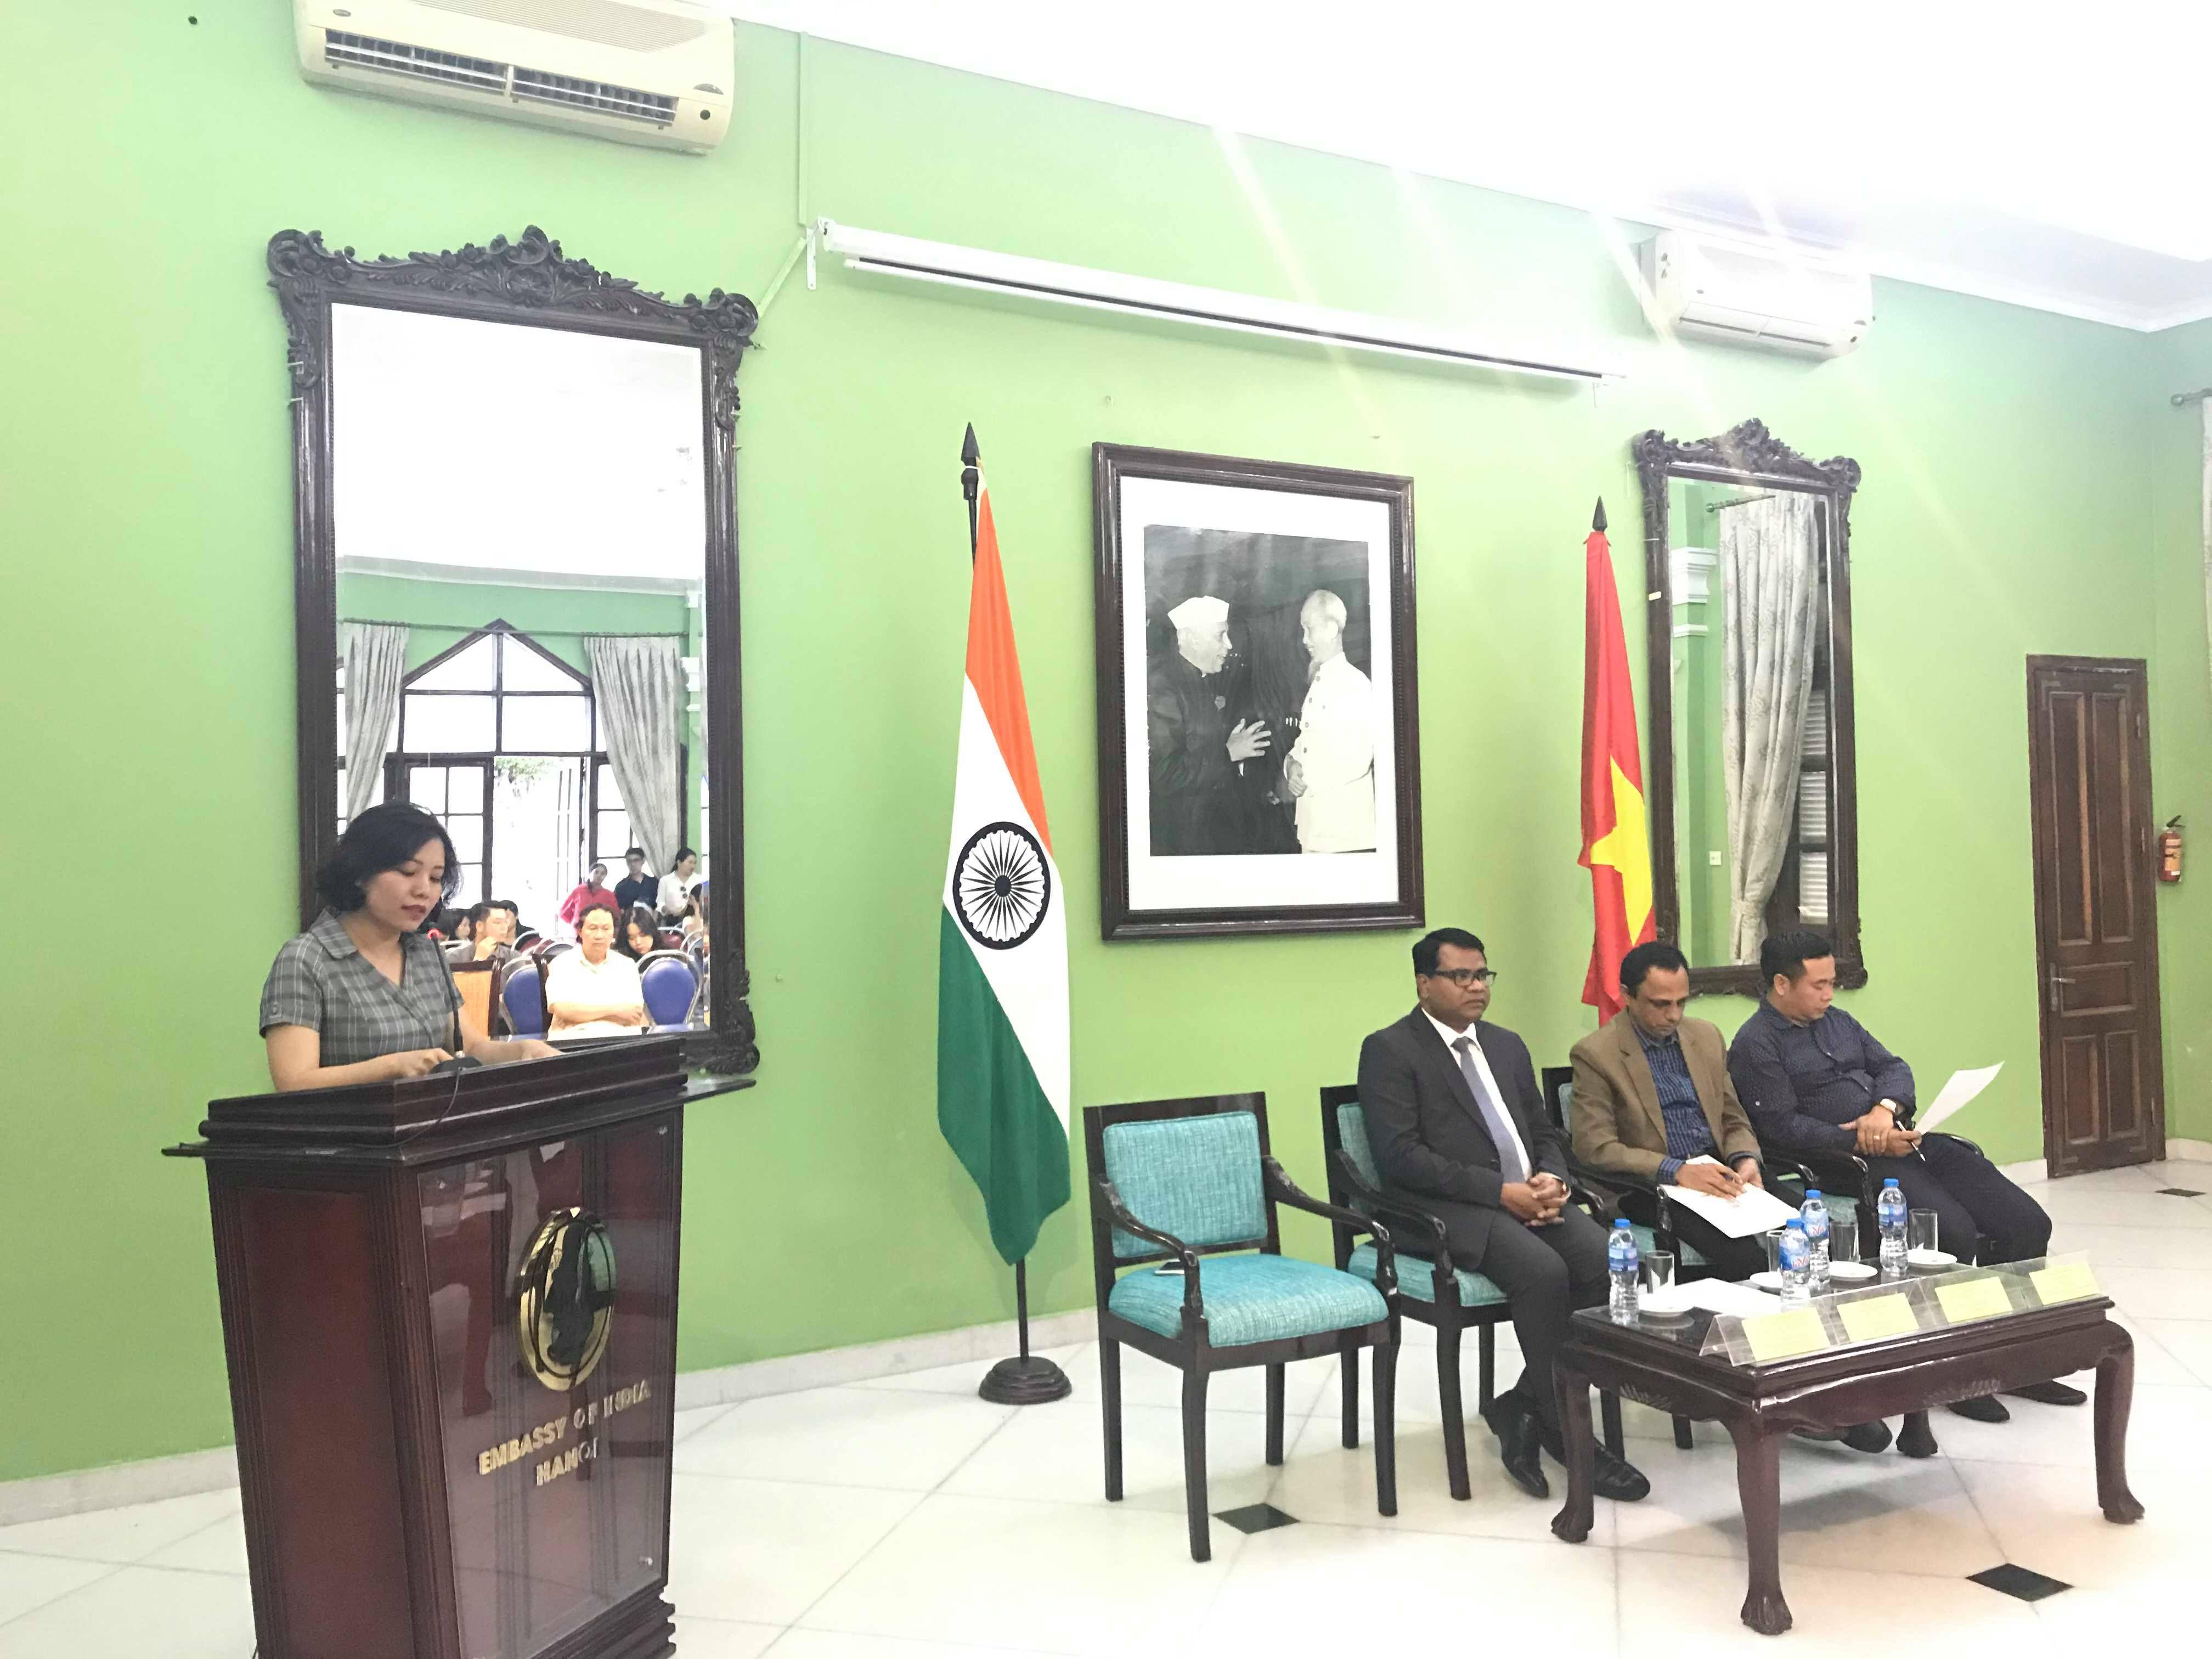 Bảo Việt Nhân thọ đồng hành cùng Đại sứ quán Ấn Độ tổ chức ngày Quốc tế Yoga tại 9 tỉnh thành năm 2019